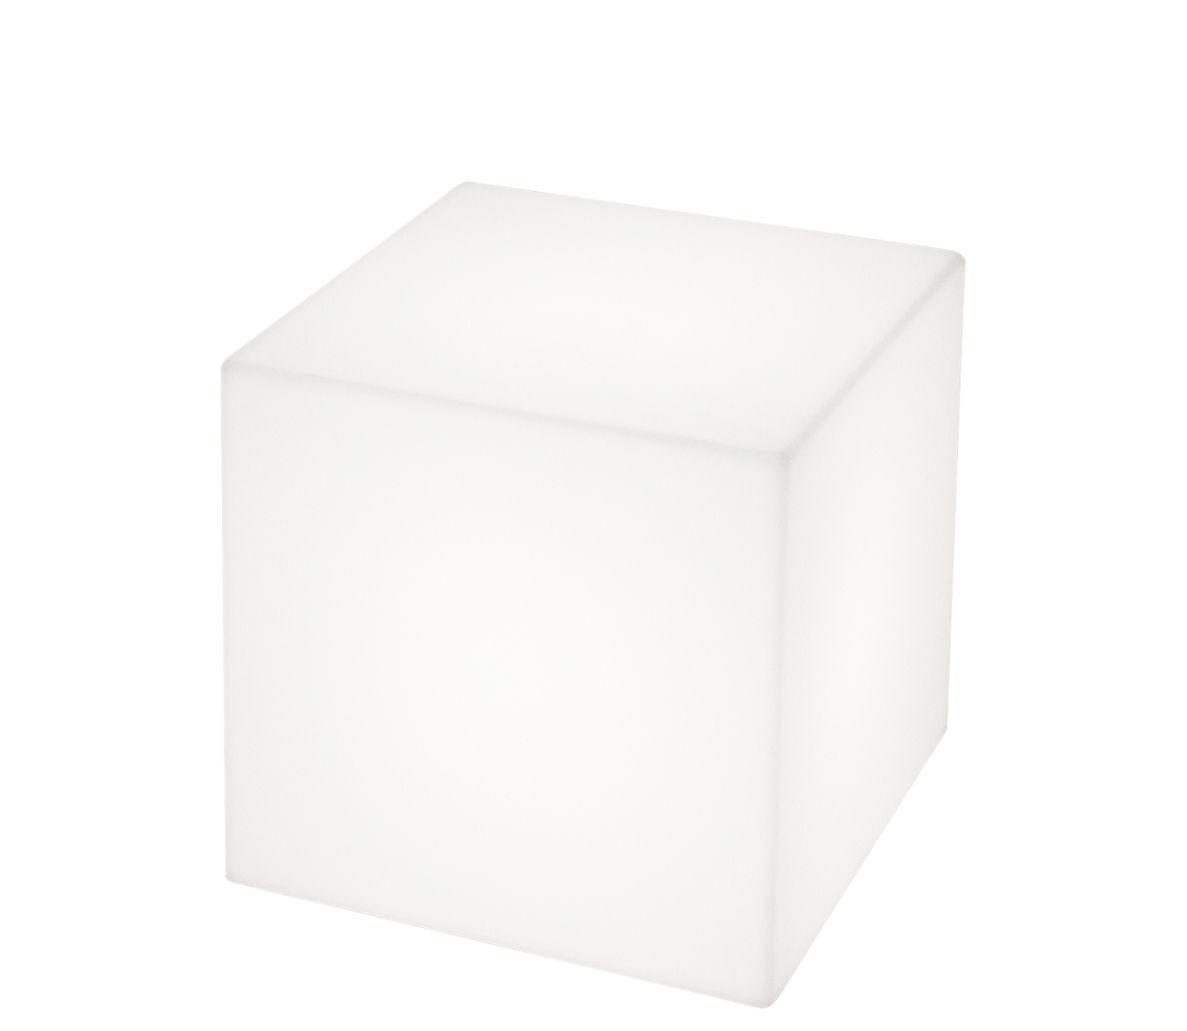 Luminaire - Lampes de table - Lampe sans fil Cubo LED RGB / 25 cm - Slide - 25 x 25 cm / Blanc - Polyéthylène